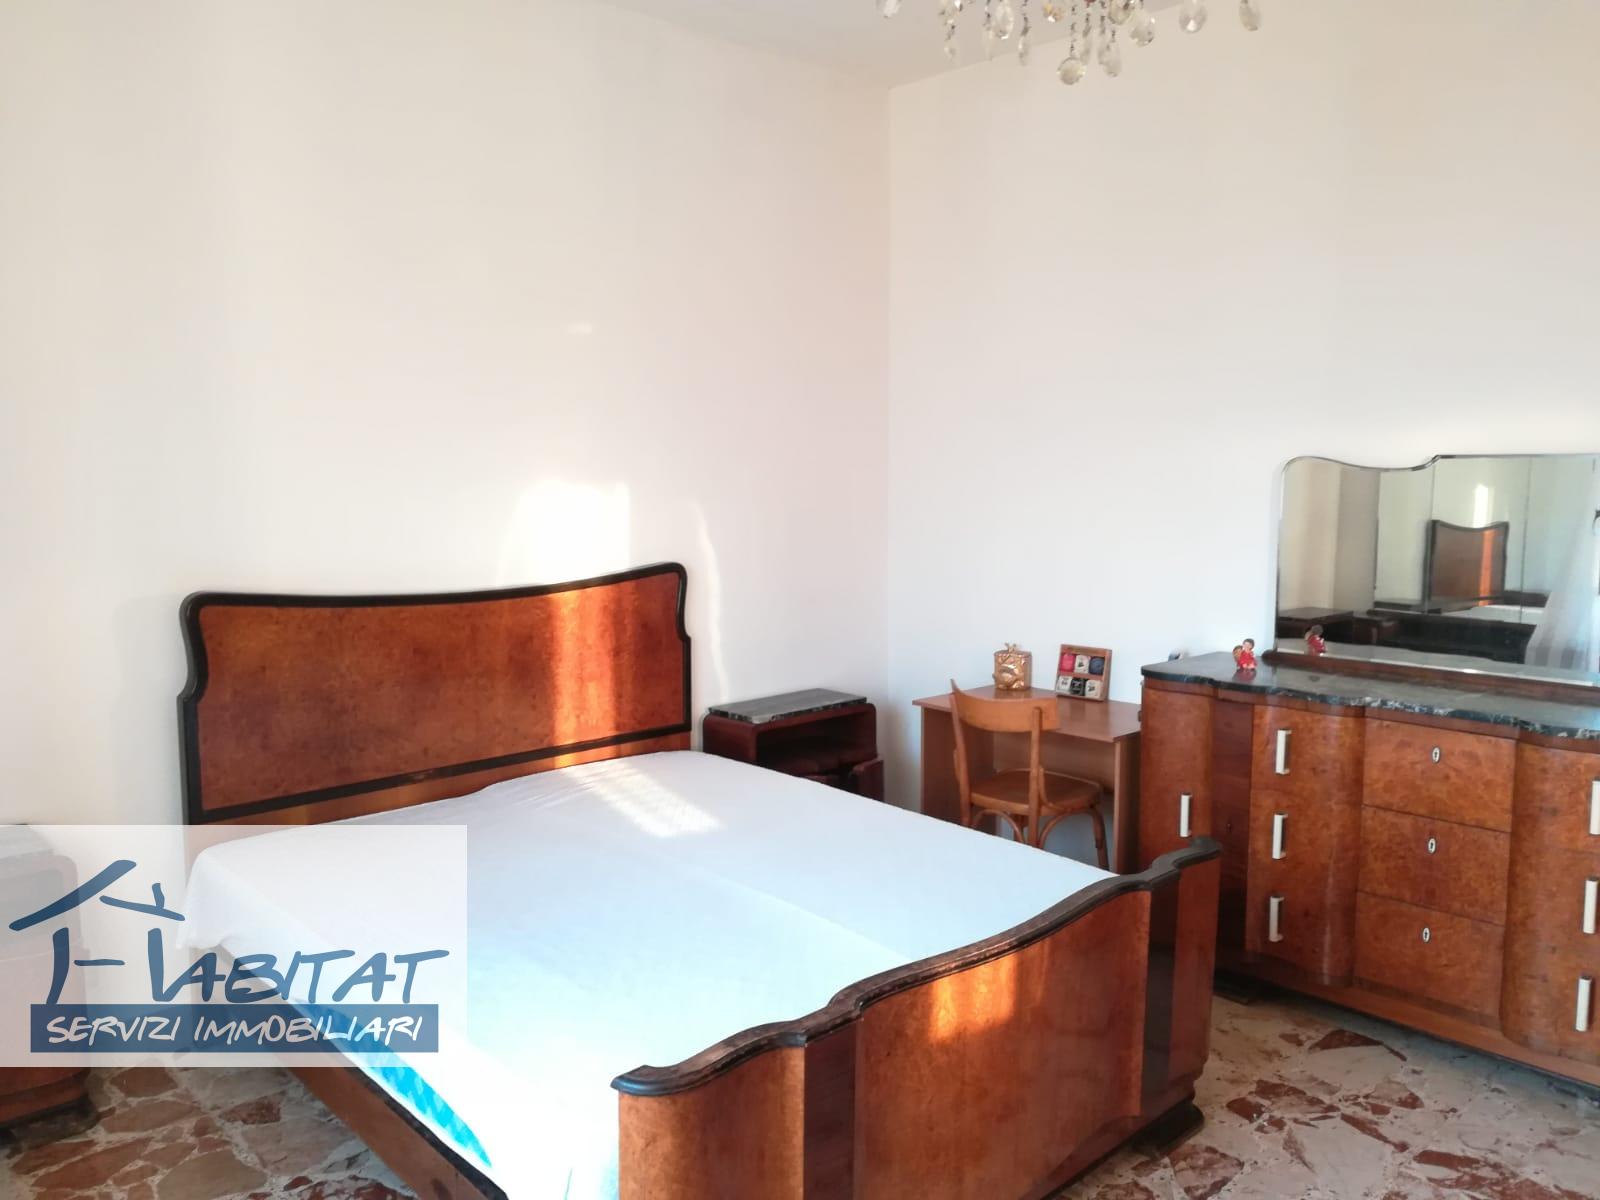 Appartamento in vendita a Agrigento, 5 locali, zona Zona: Centro, prezzo € 89.000 | CambioCasa.it